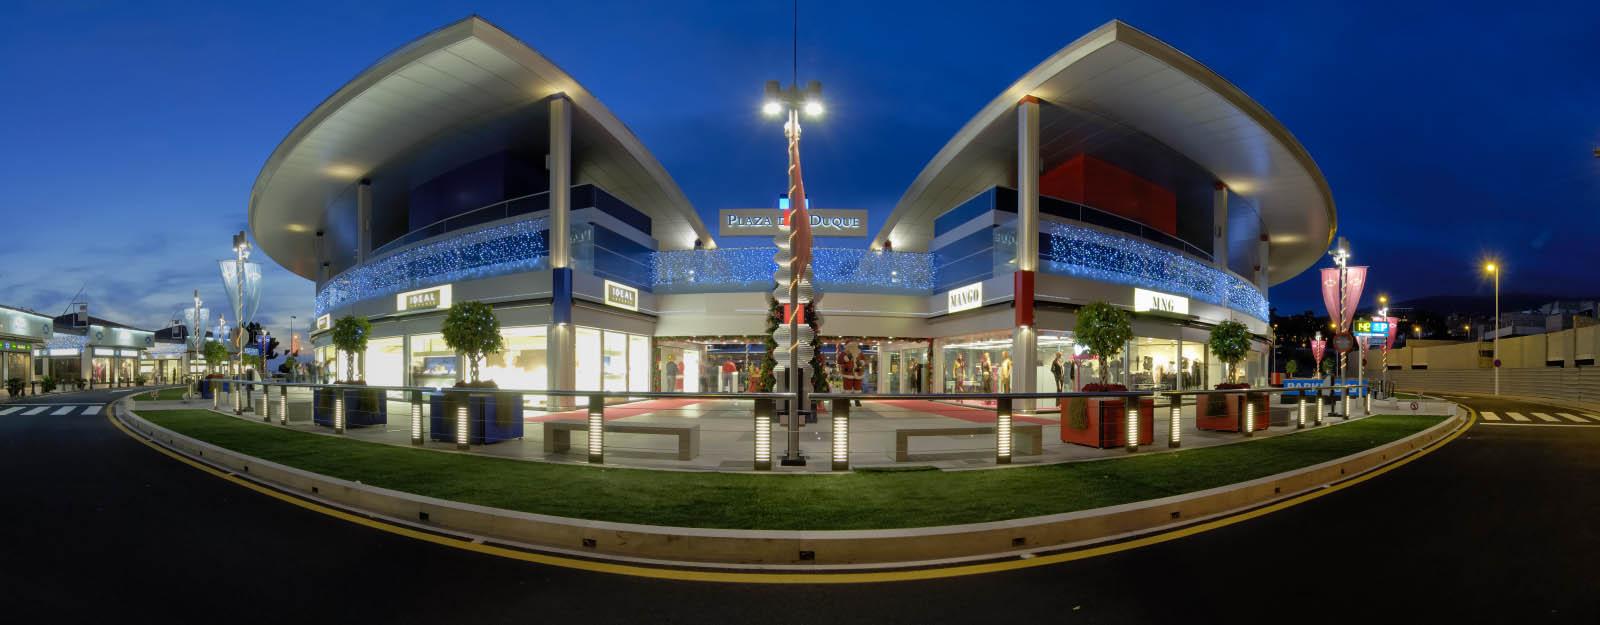 Plaza del duque sobre el centro - Centro comercial del mueble tenerife ...